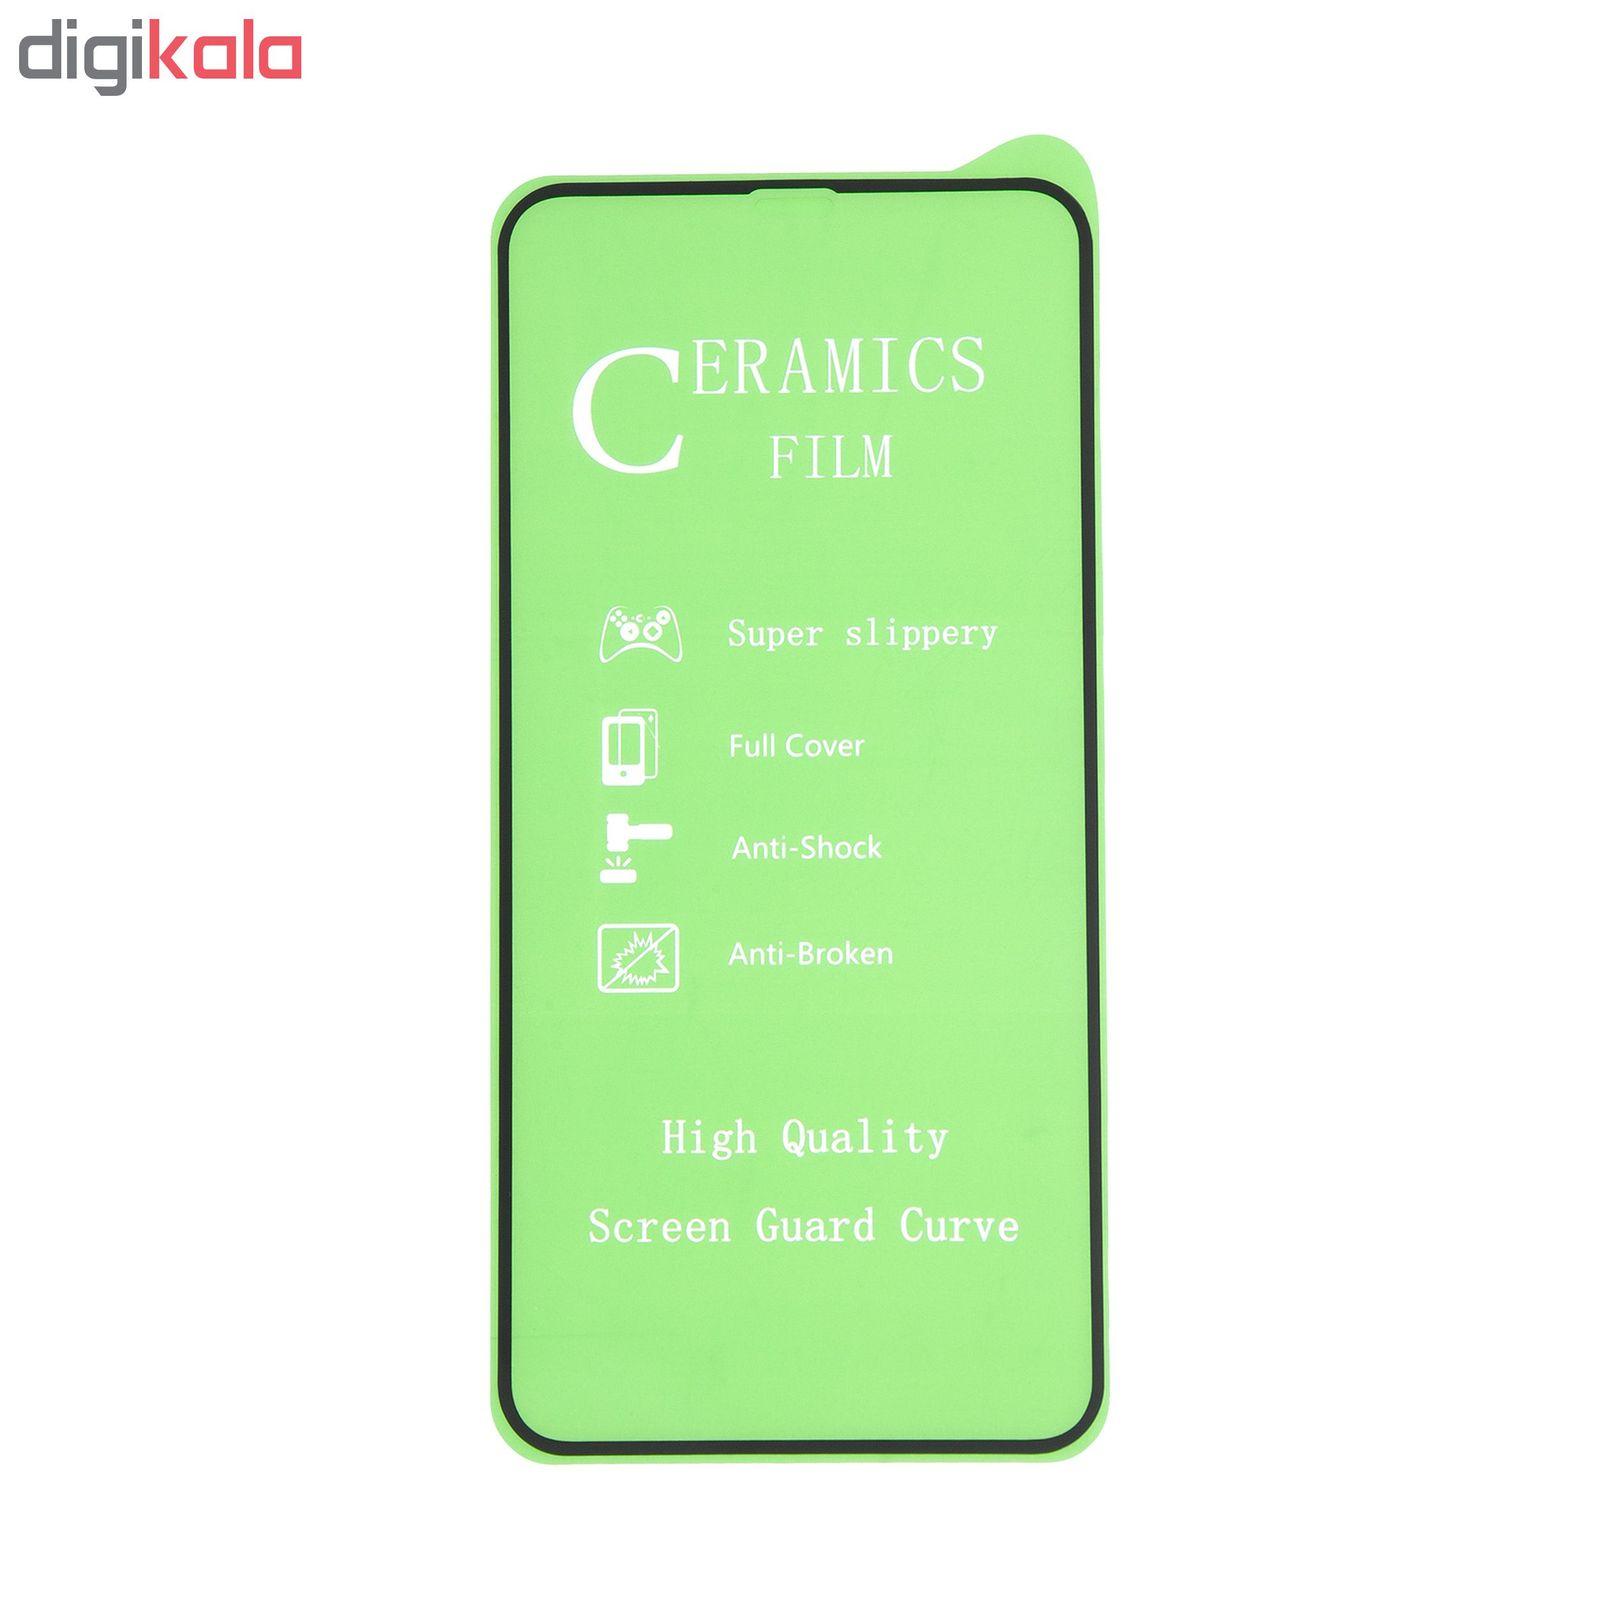 محافظ صفحه نمایش نانو کوالا مدل CER-001 مناسب برای گوشی موبایل اپل Iphone 11 pro main 1 3